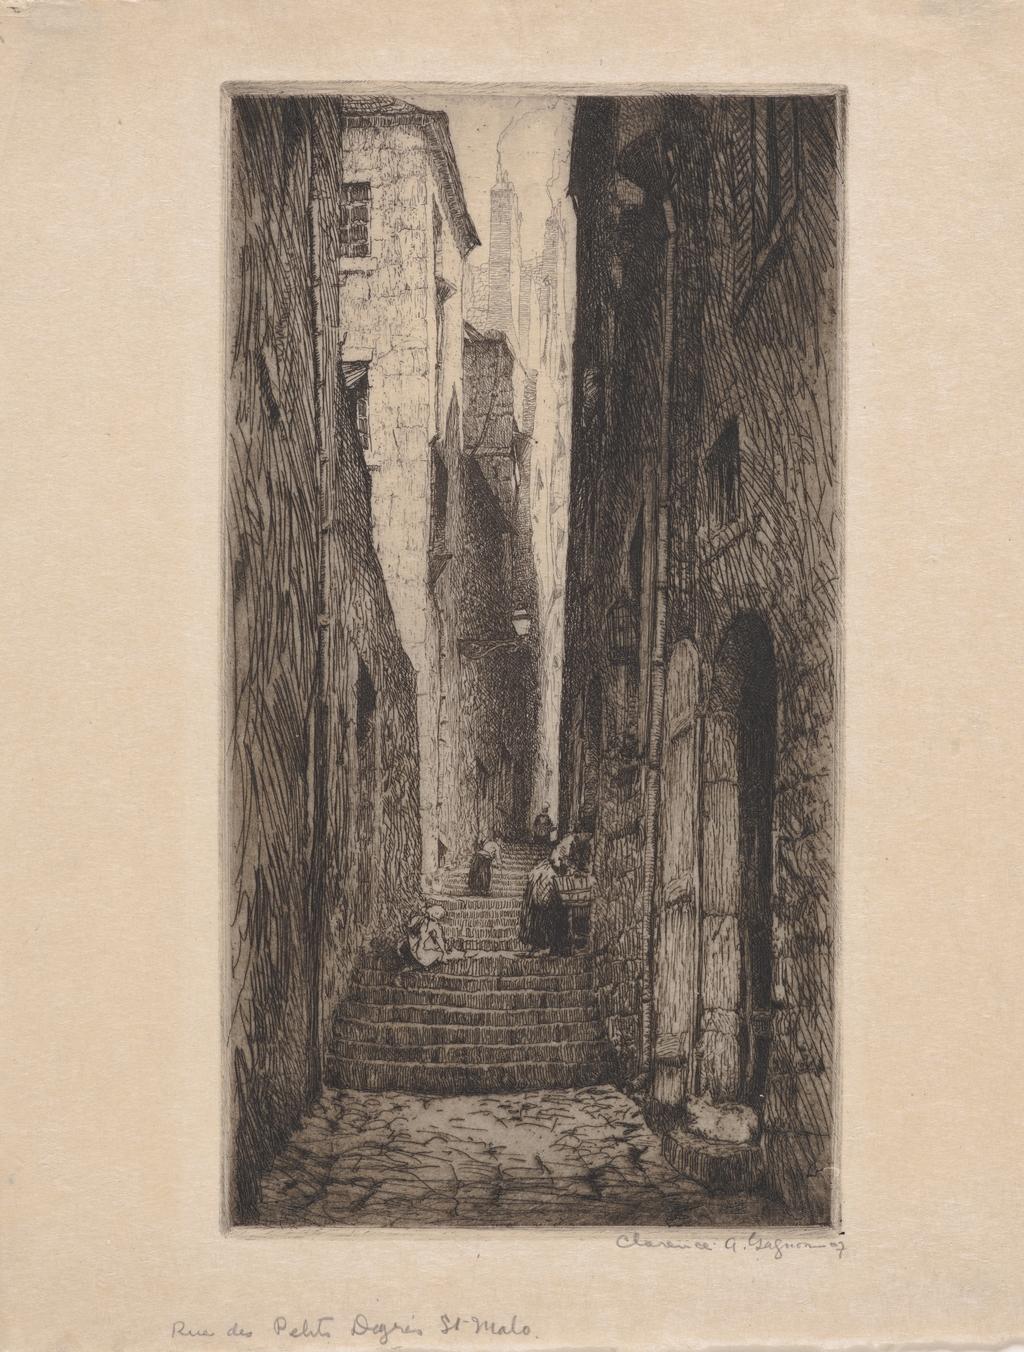 Rue des Petits-Degrés, Saint-Malo